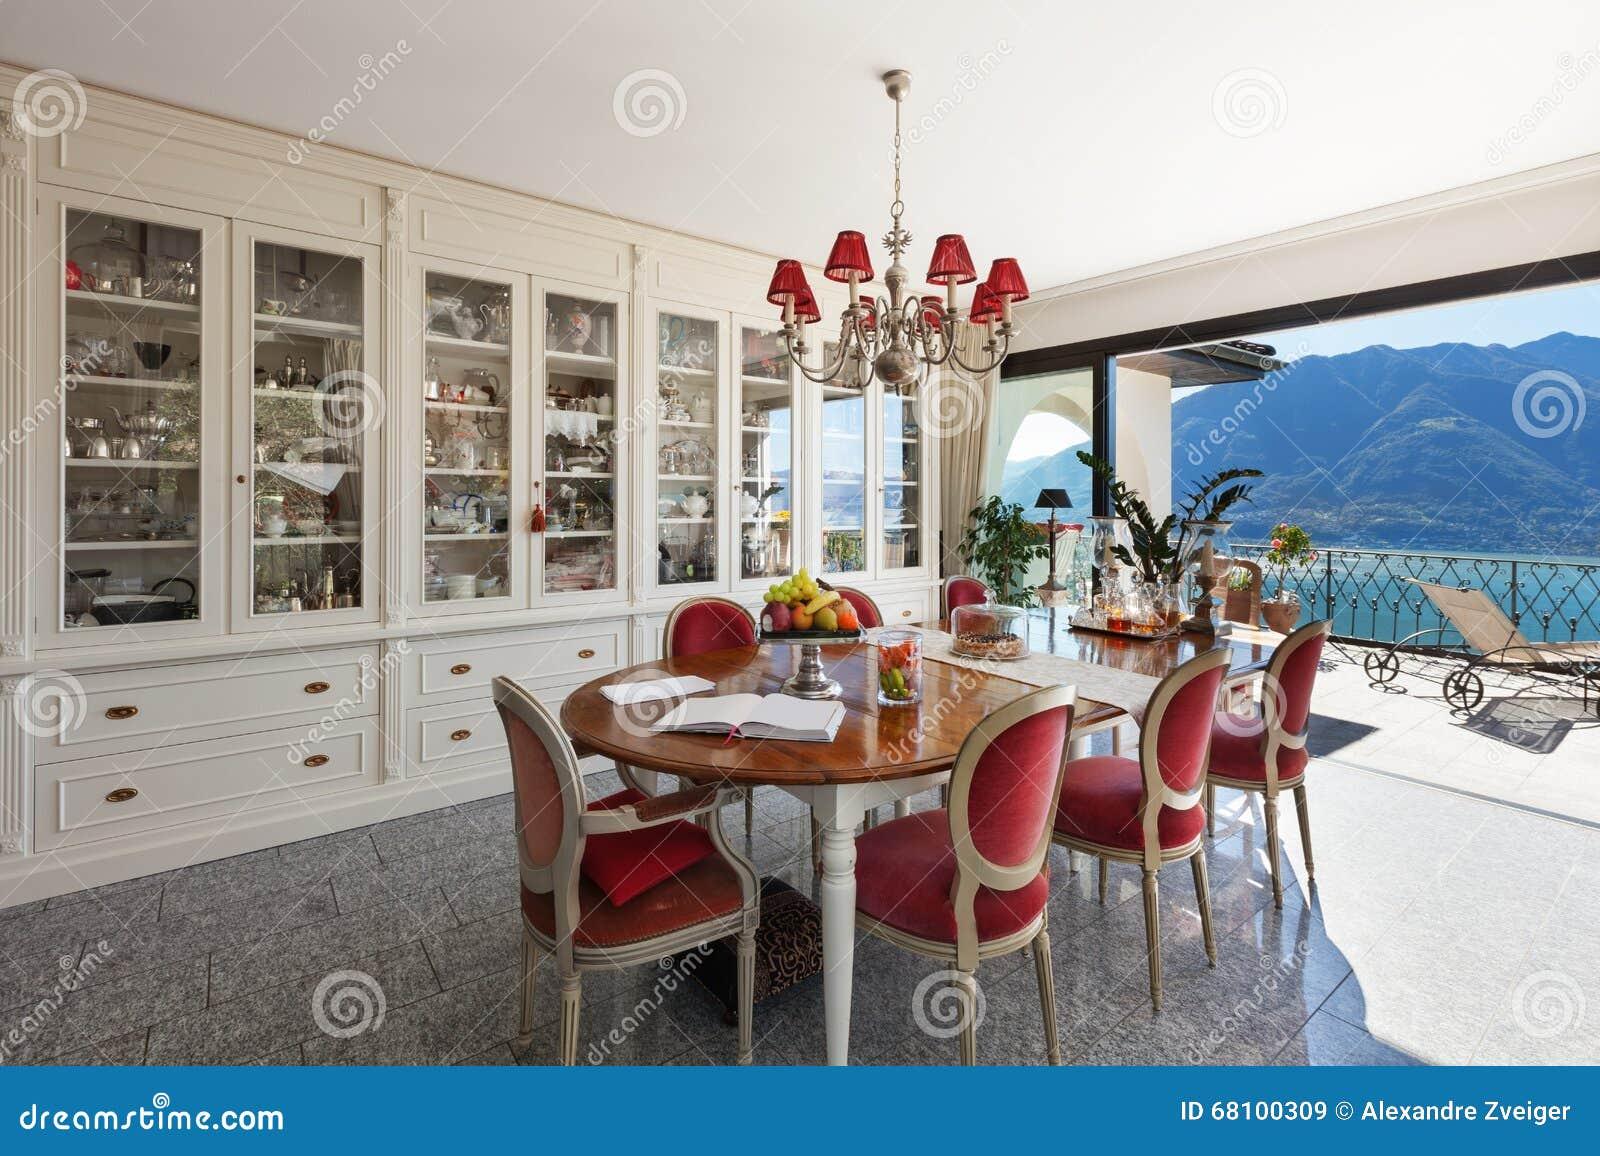 Interior Sala De Jantar Com Decora O Cl Ssica Imagem De Stock  -> Decoracao Sala De Jantar Azul